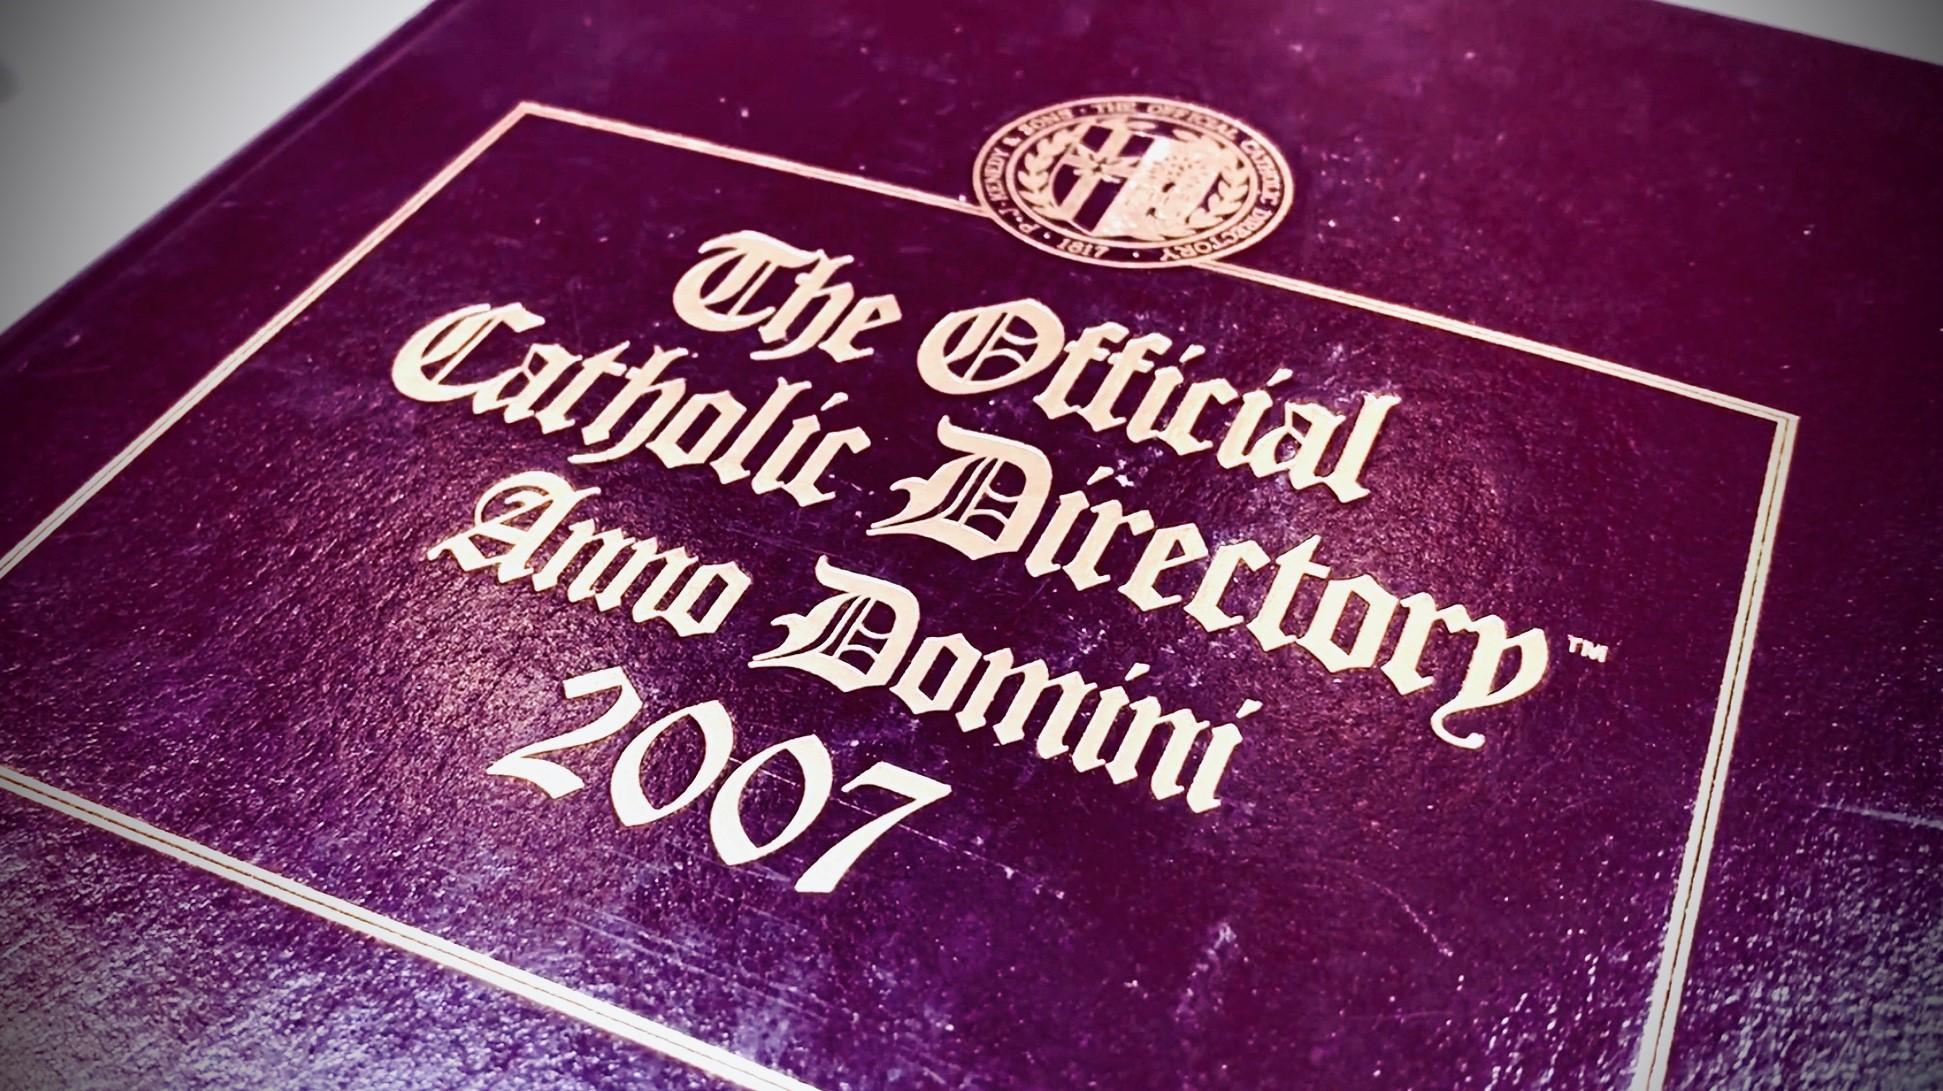 CatholicDirectory